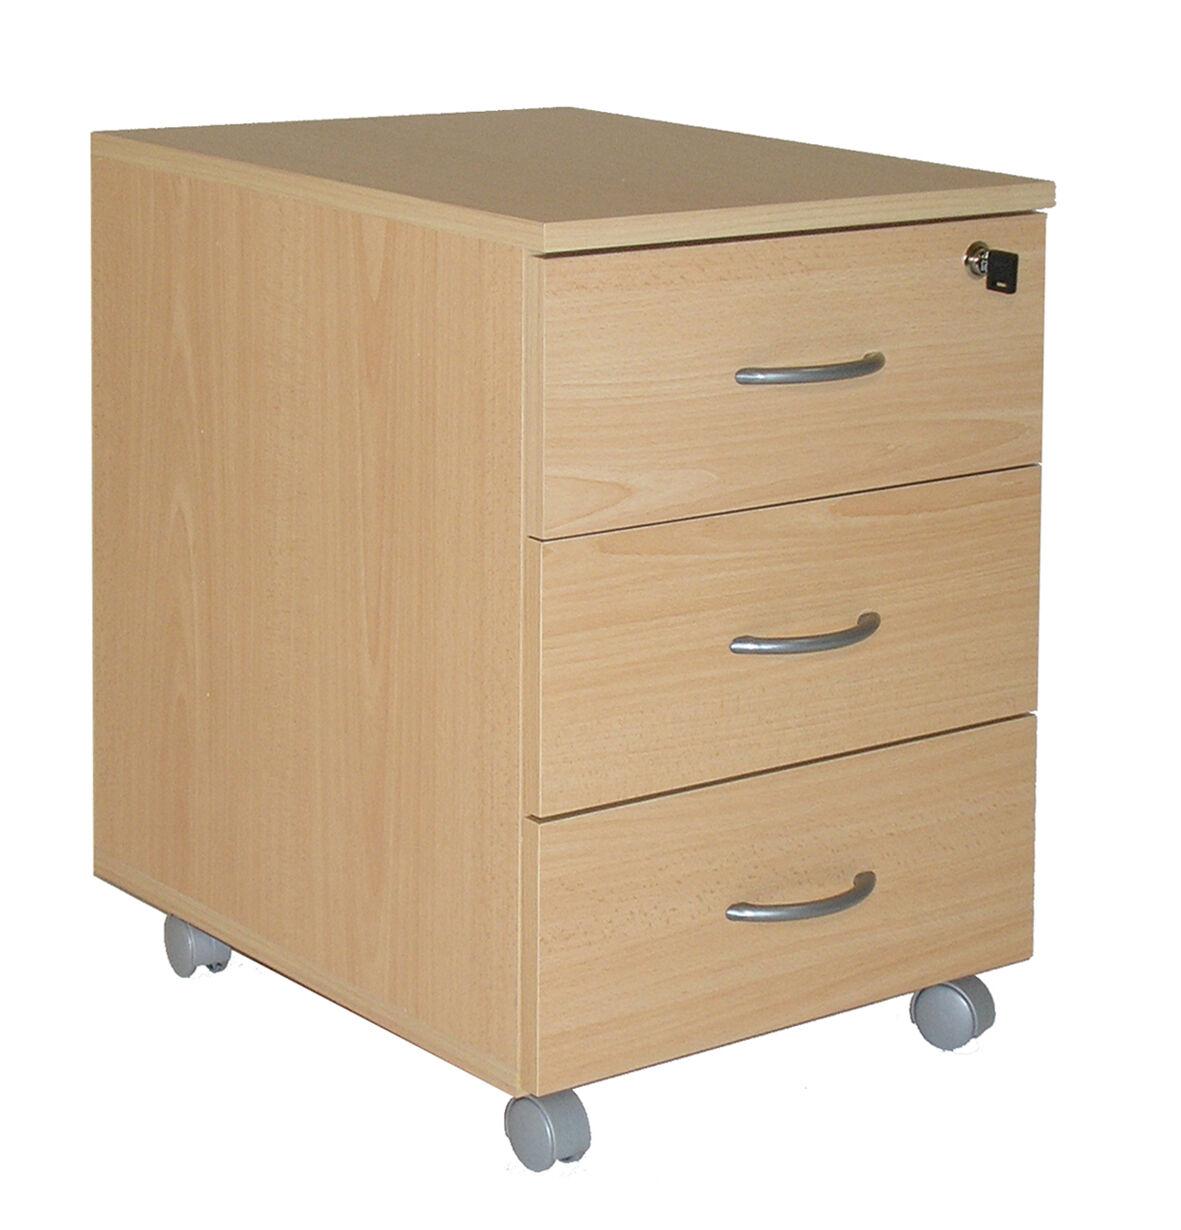 Caisson mobile WINCH 3 tiroirs dont 1 pour dossiers suspendus - Imitation Hêtre